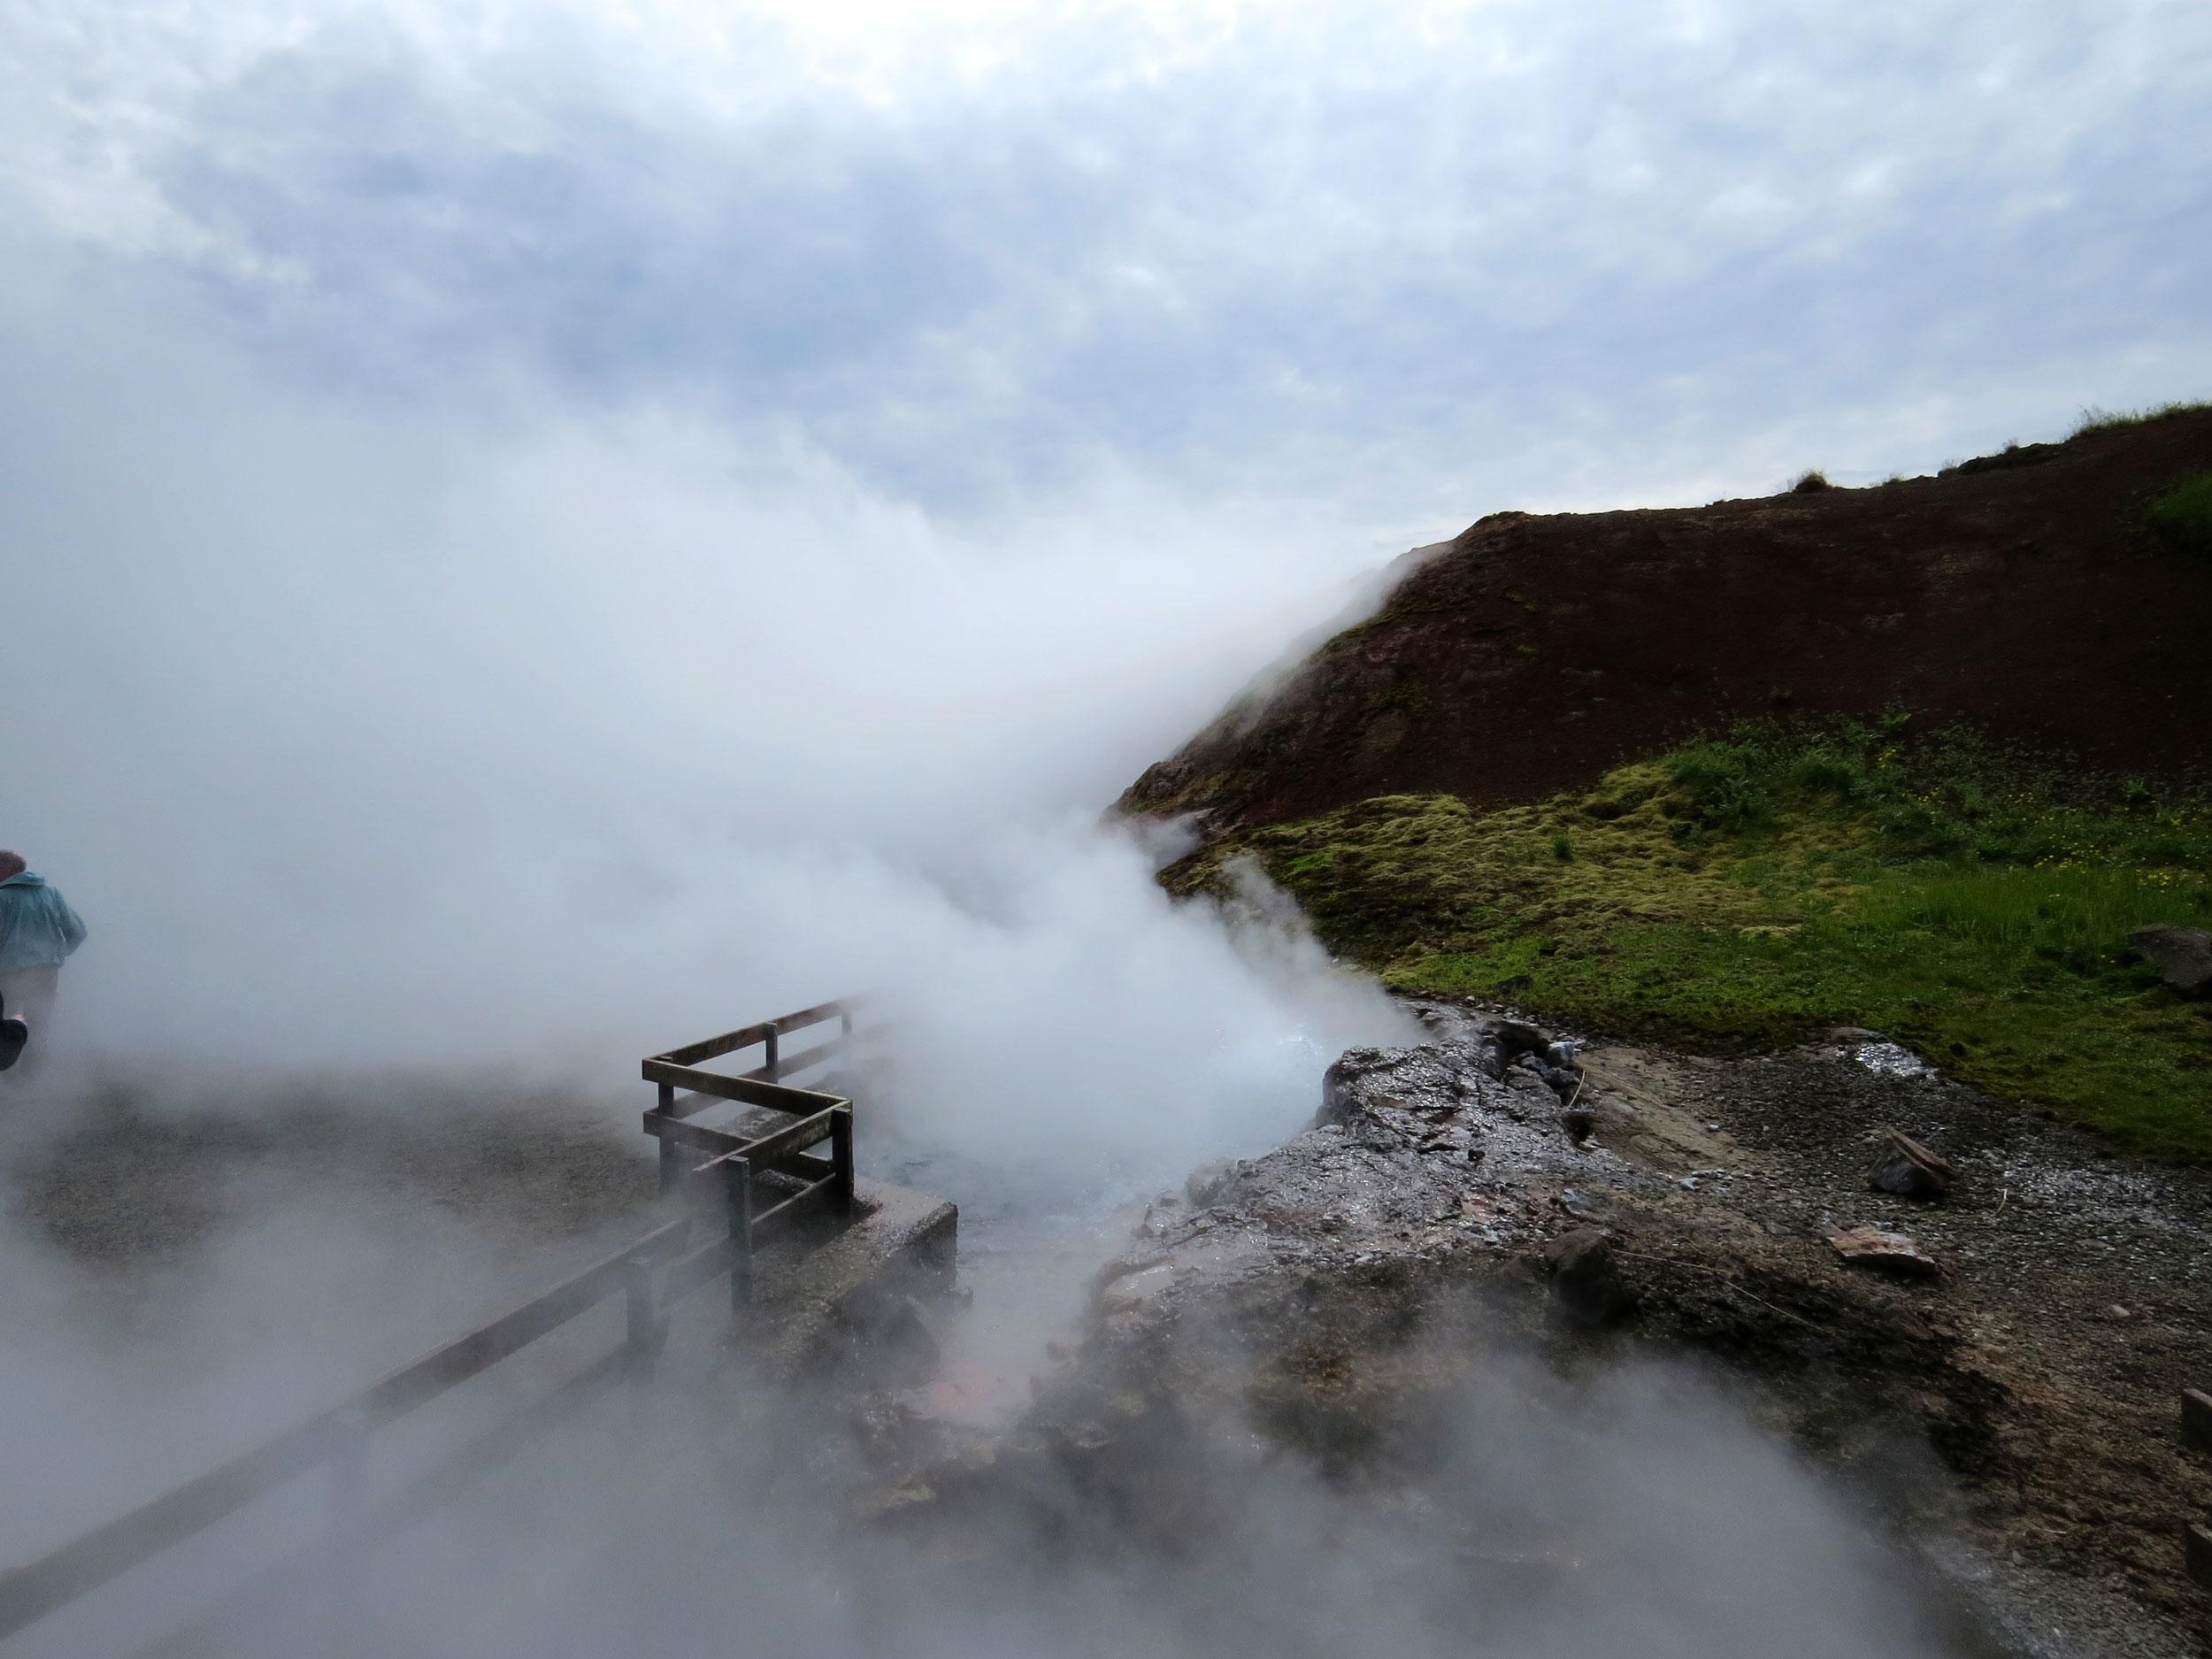 Iceland-Deildartunguhver Thermal Springs